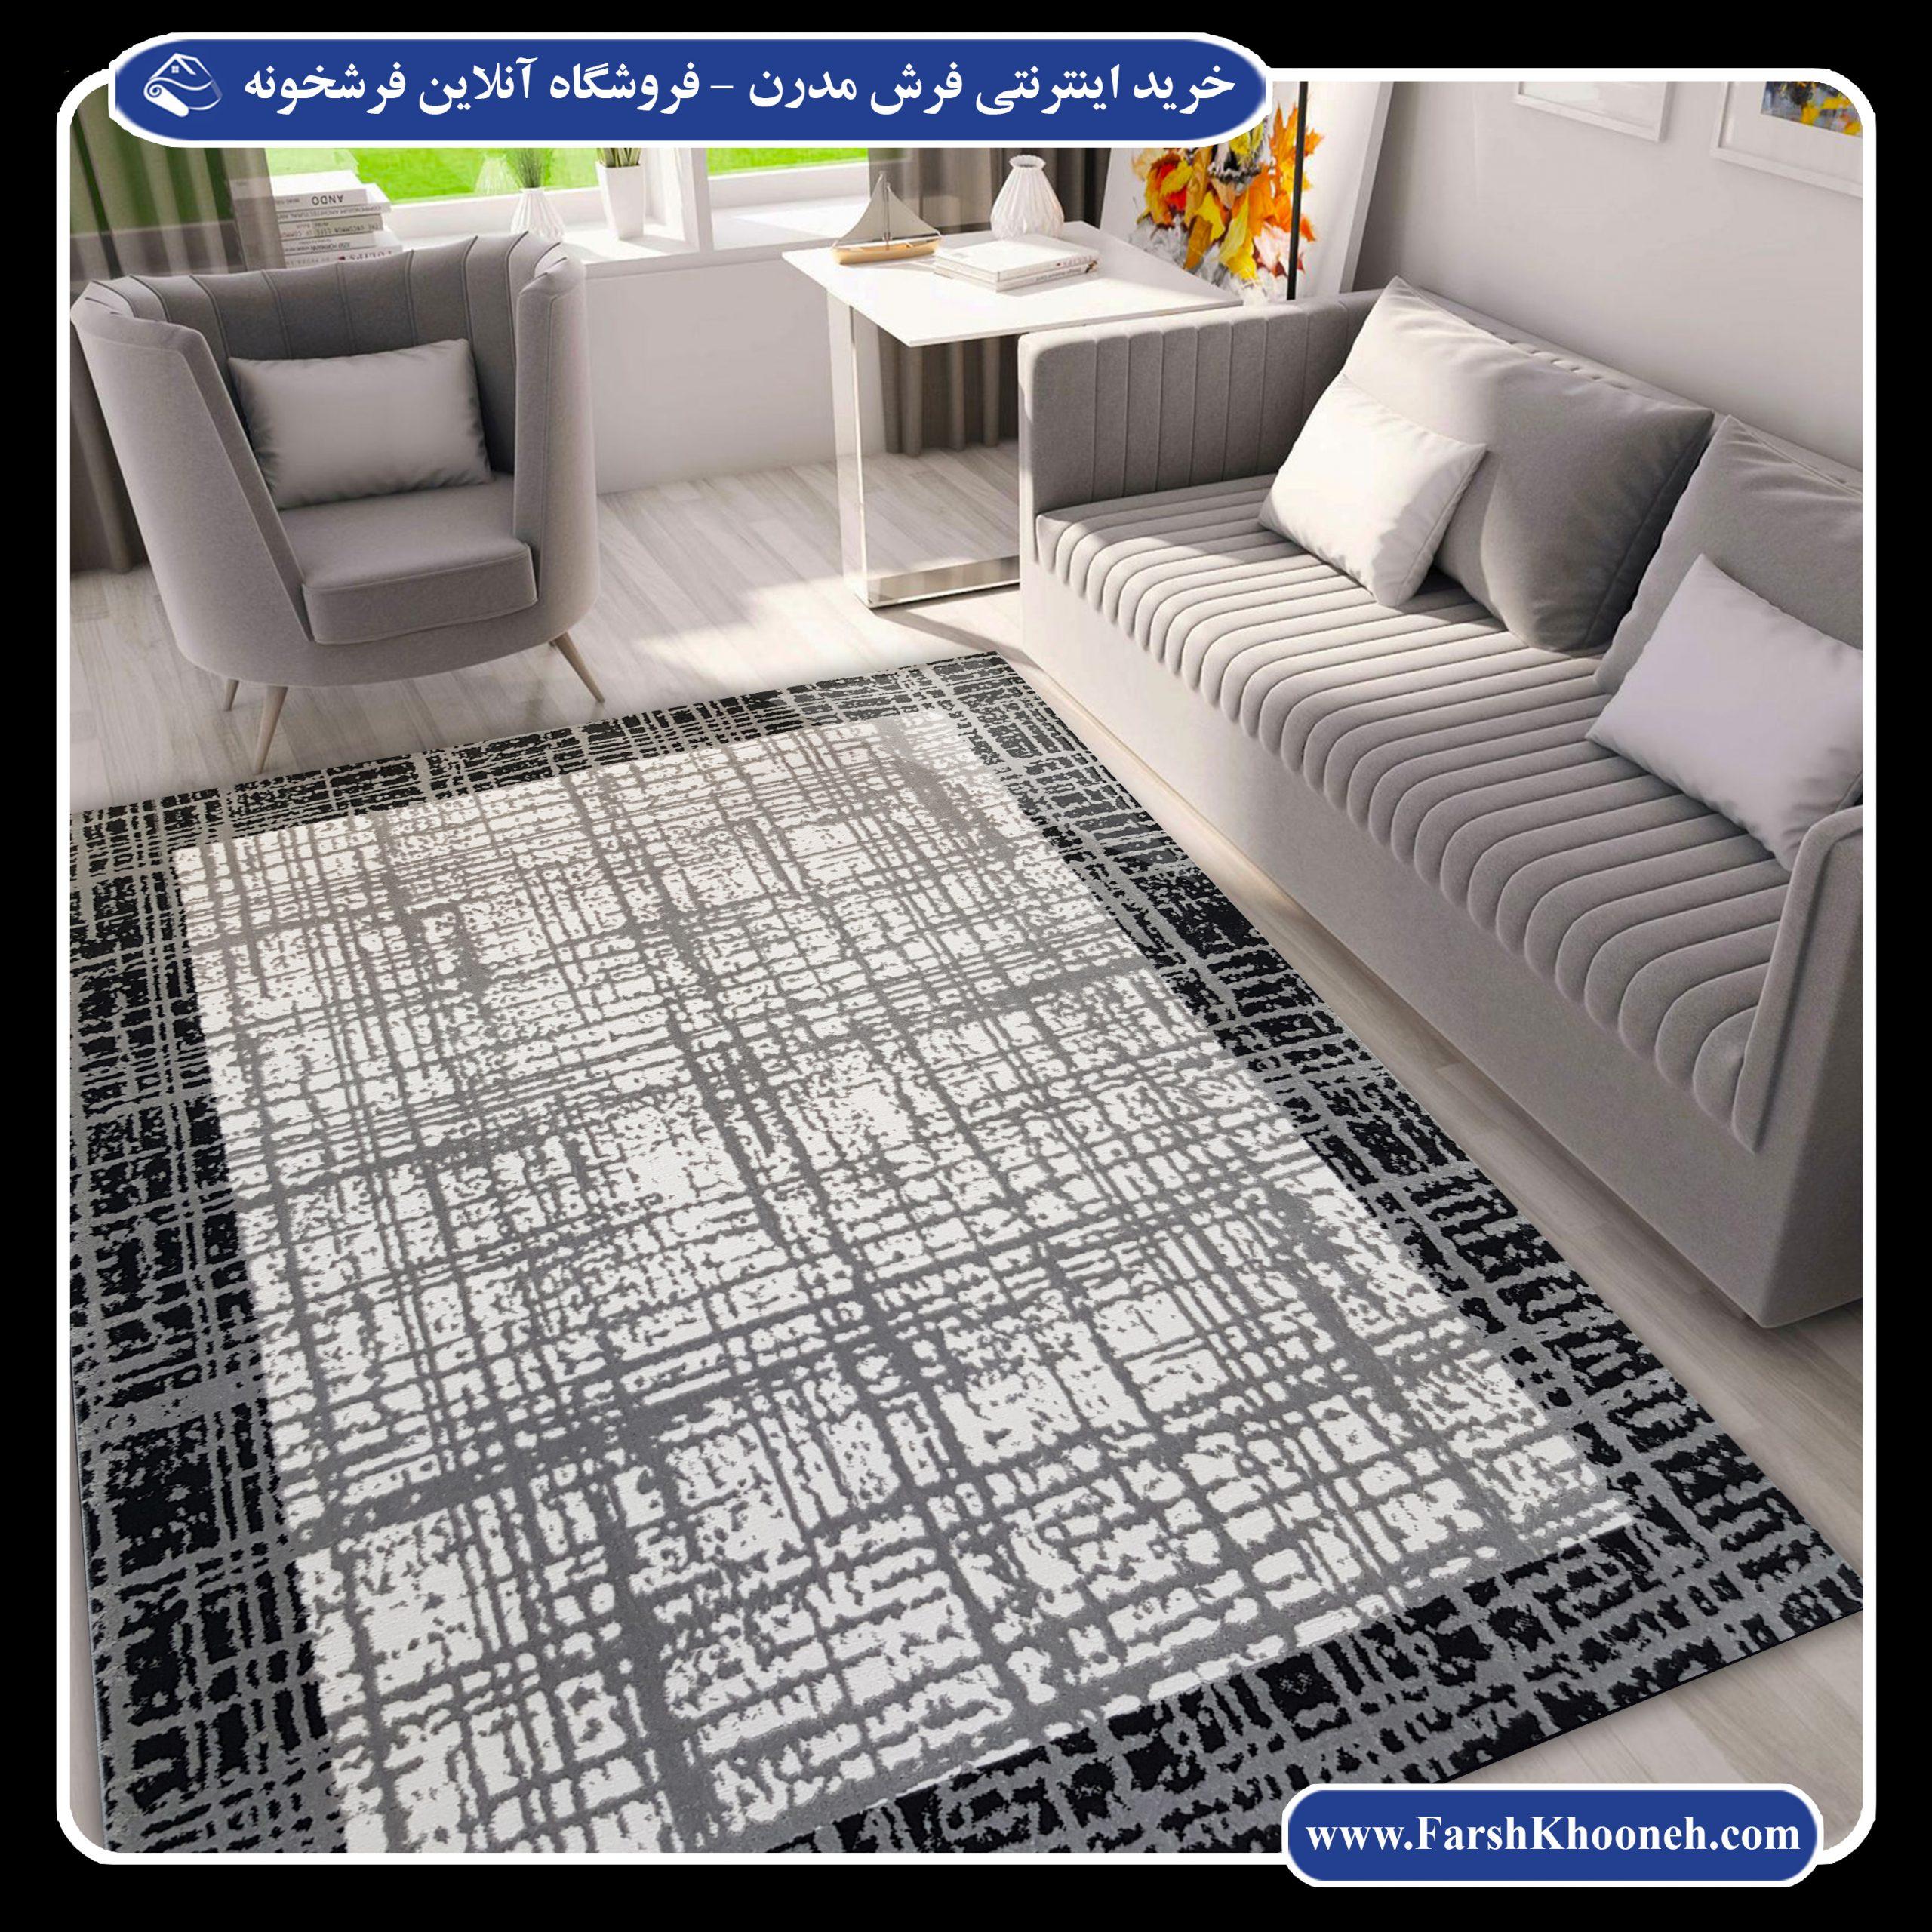 فرش مدرن و فانتزی طوسی